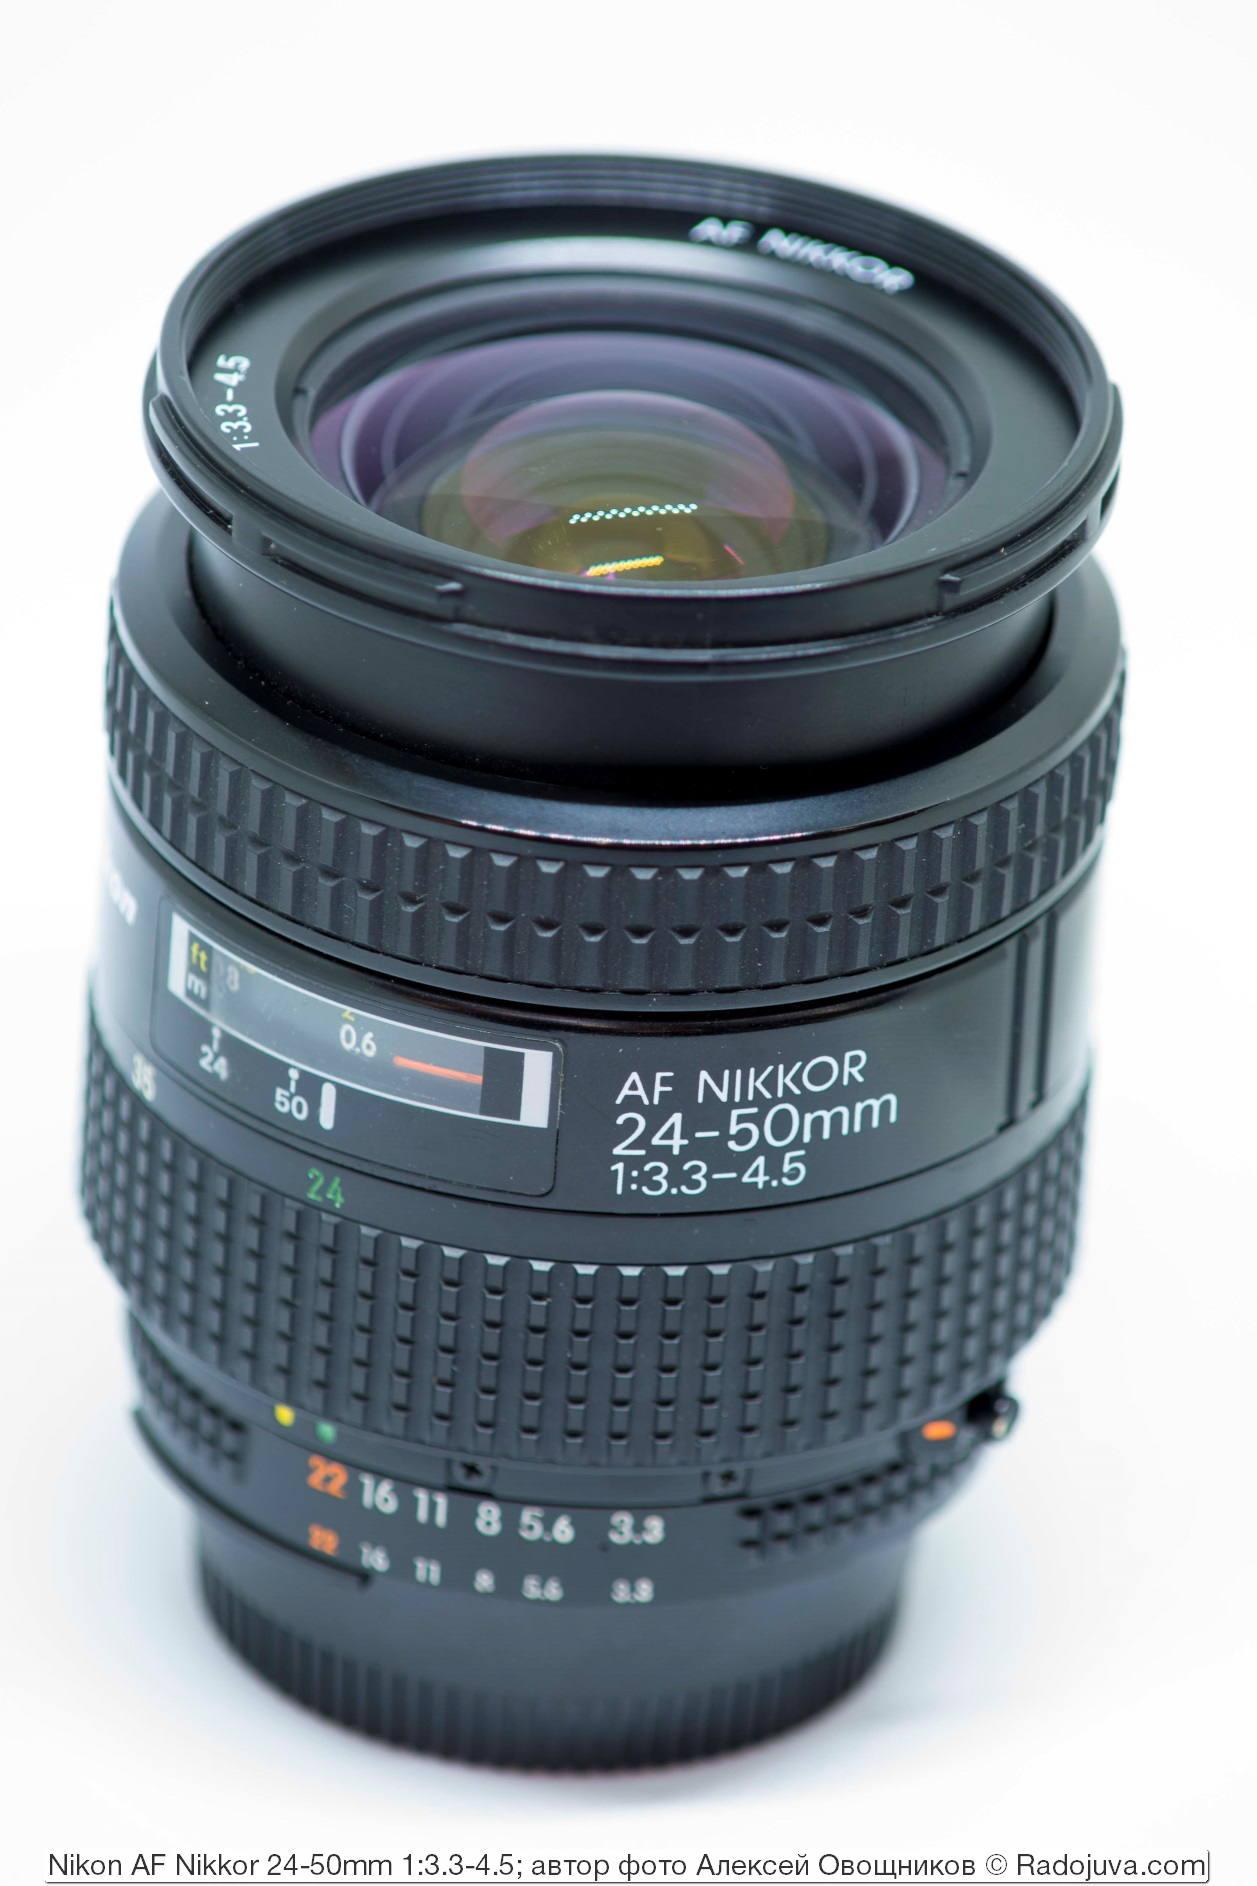 Nikon AF Nikkor 24-50mm 1:3.3-4.5